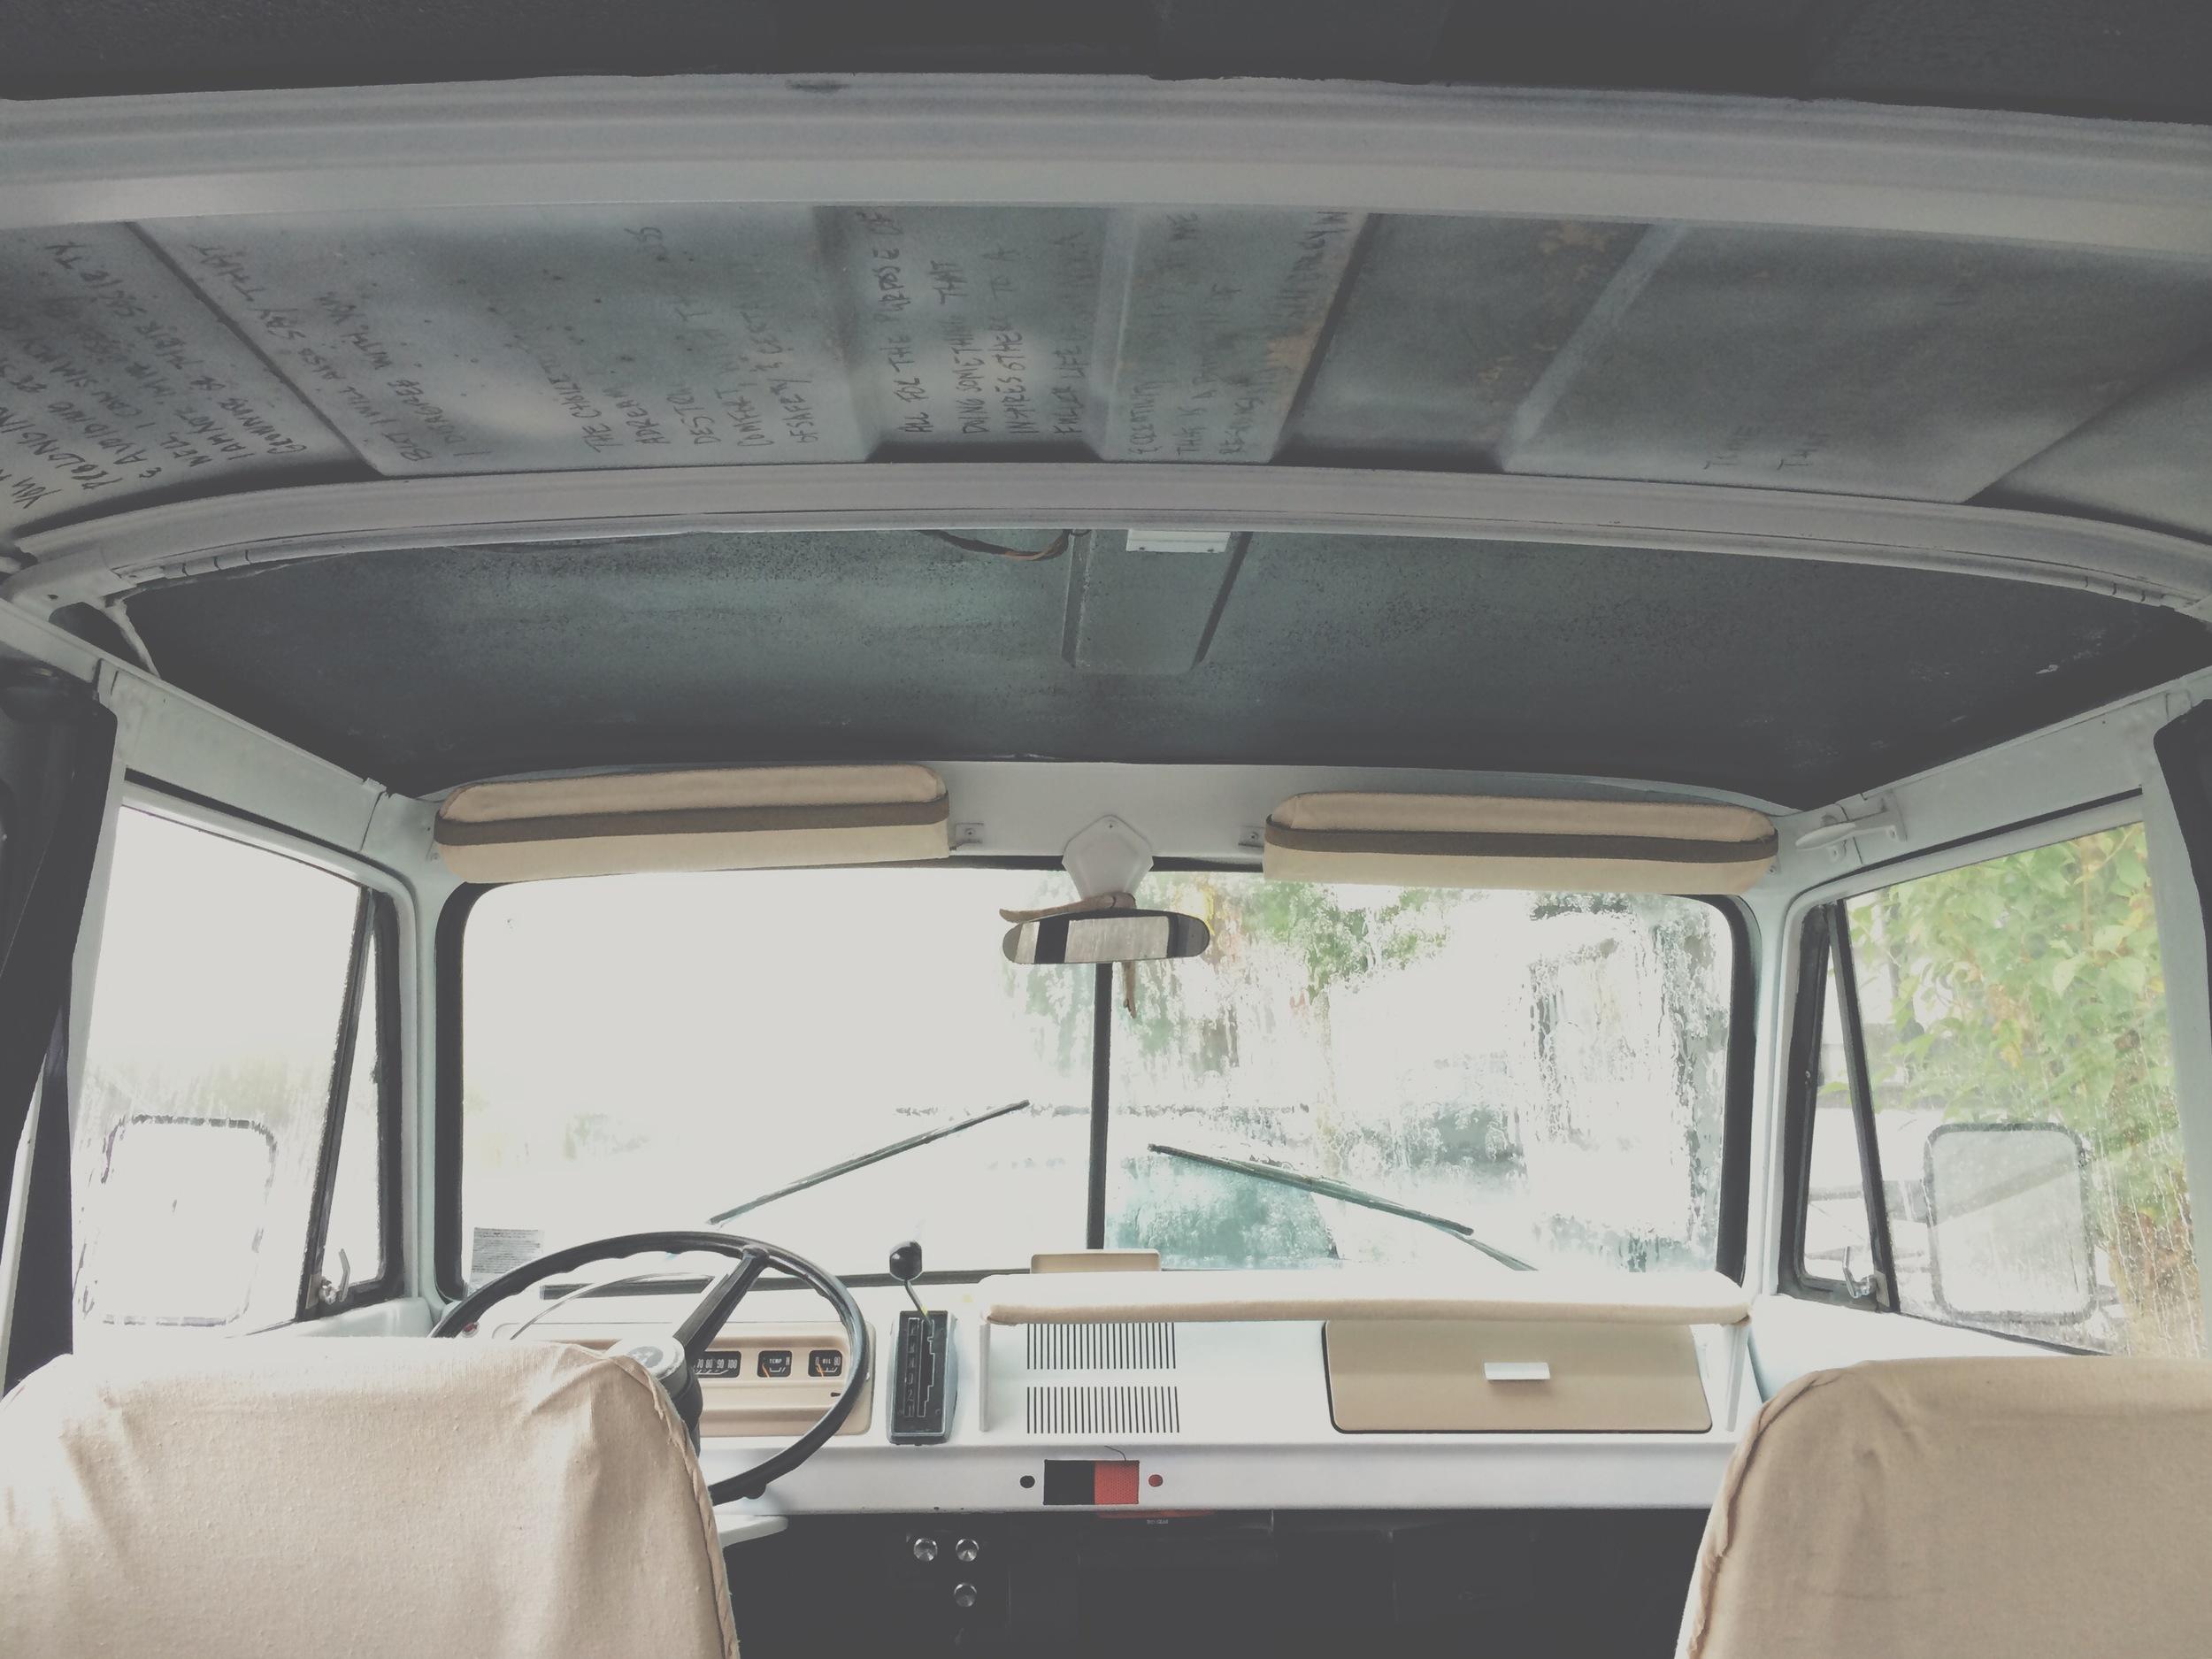 irwin-the-van-a108-1.jpg